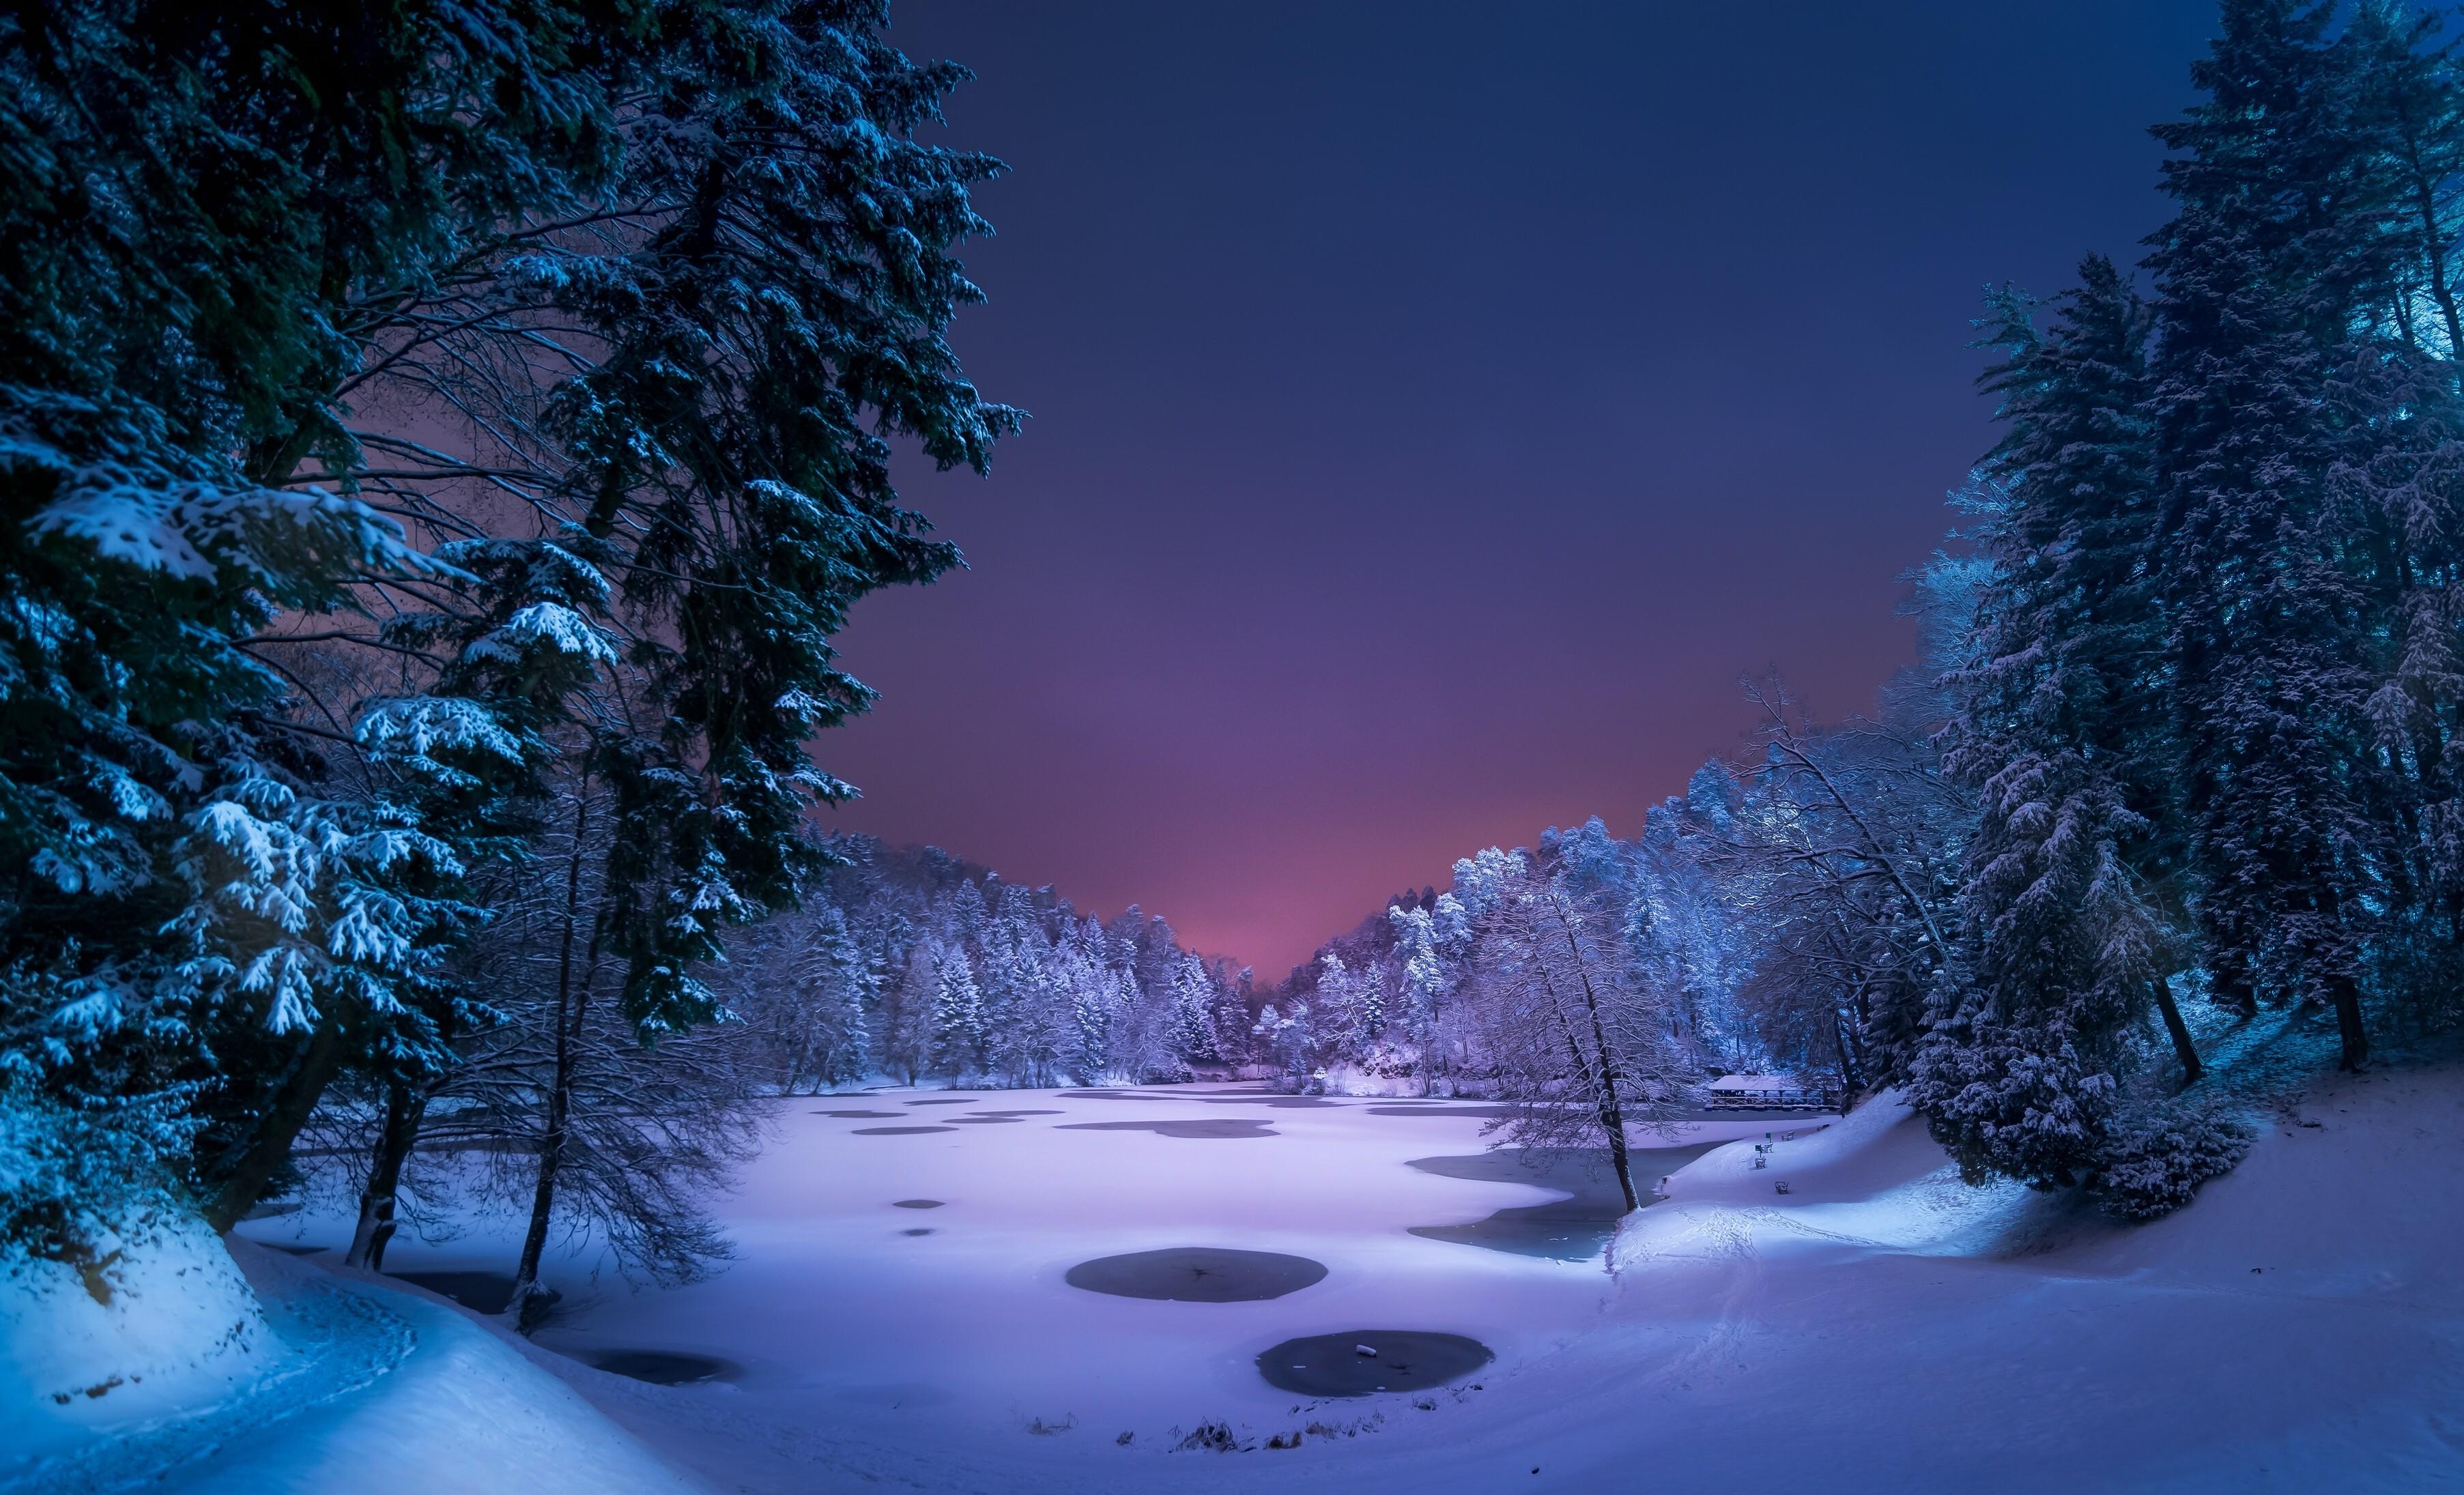 Fond d 39 cran lumi re du soleil paysage for t nuit - Photos de neige gratuites ...